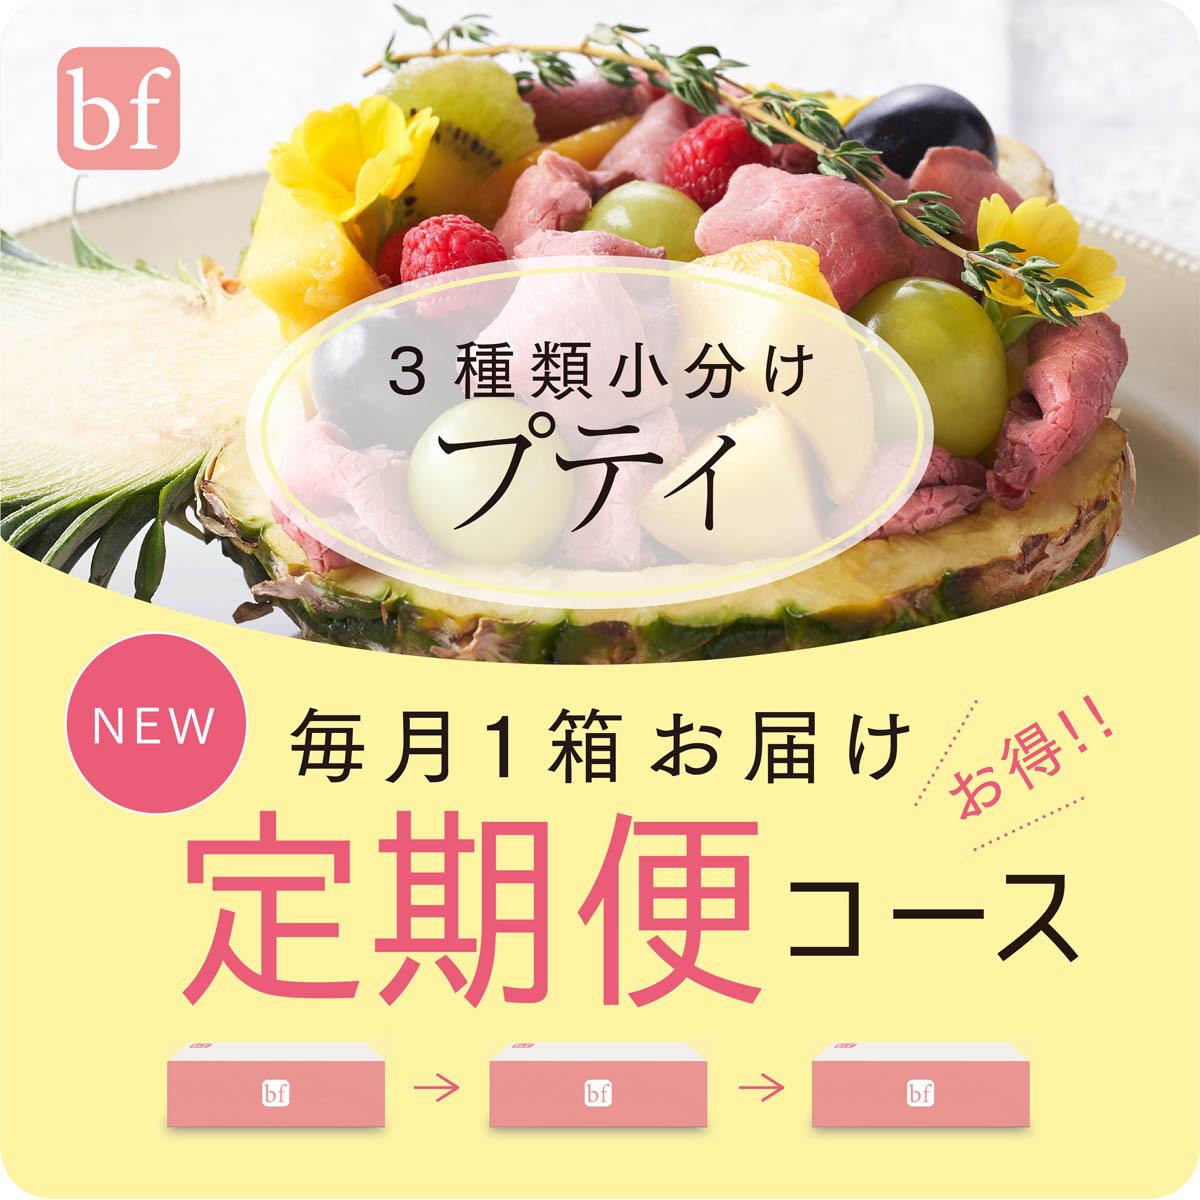 bf プティ【定期便】